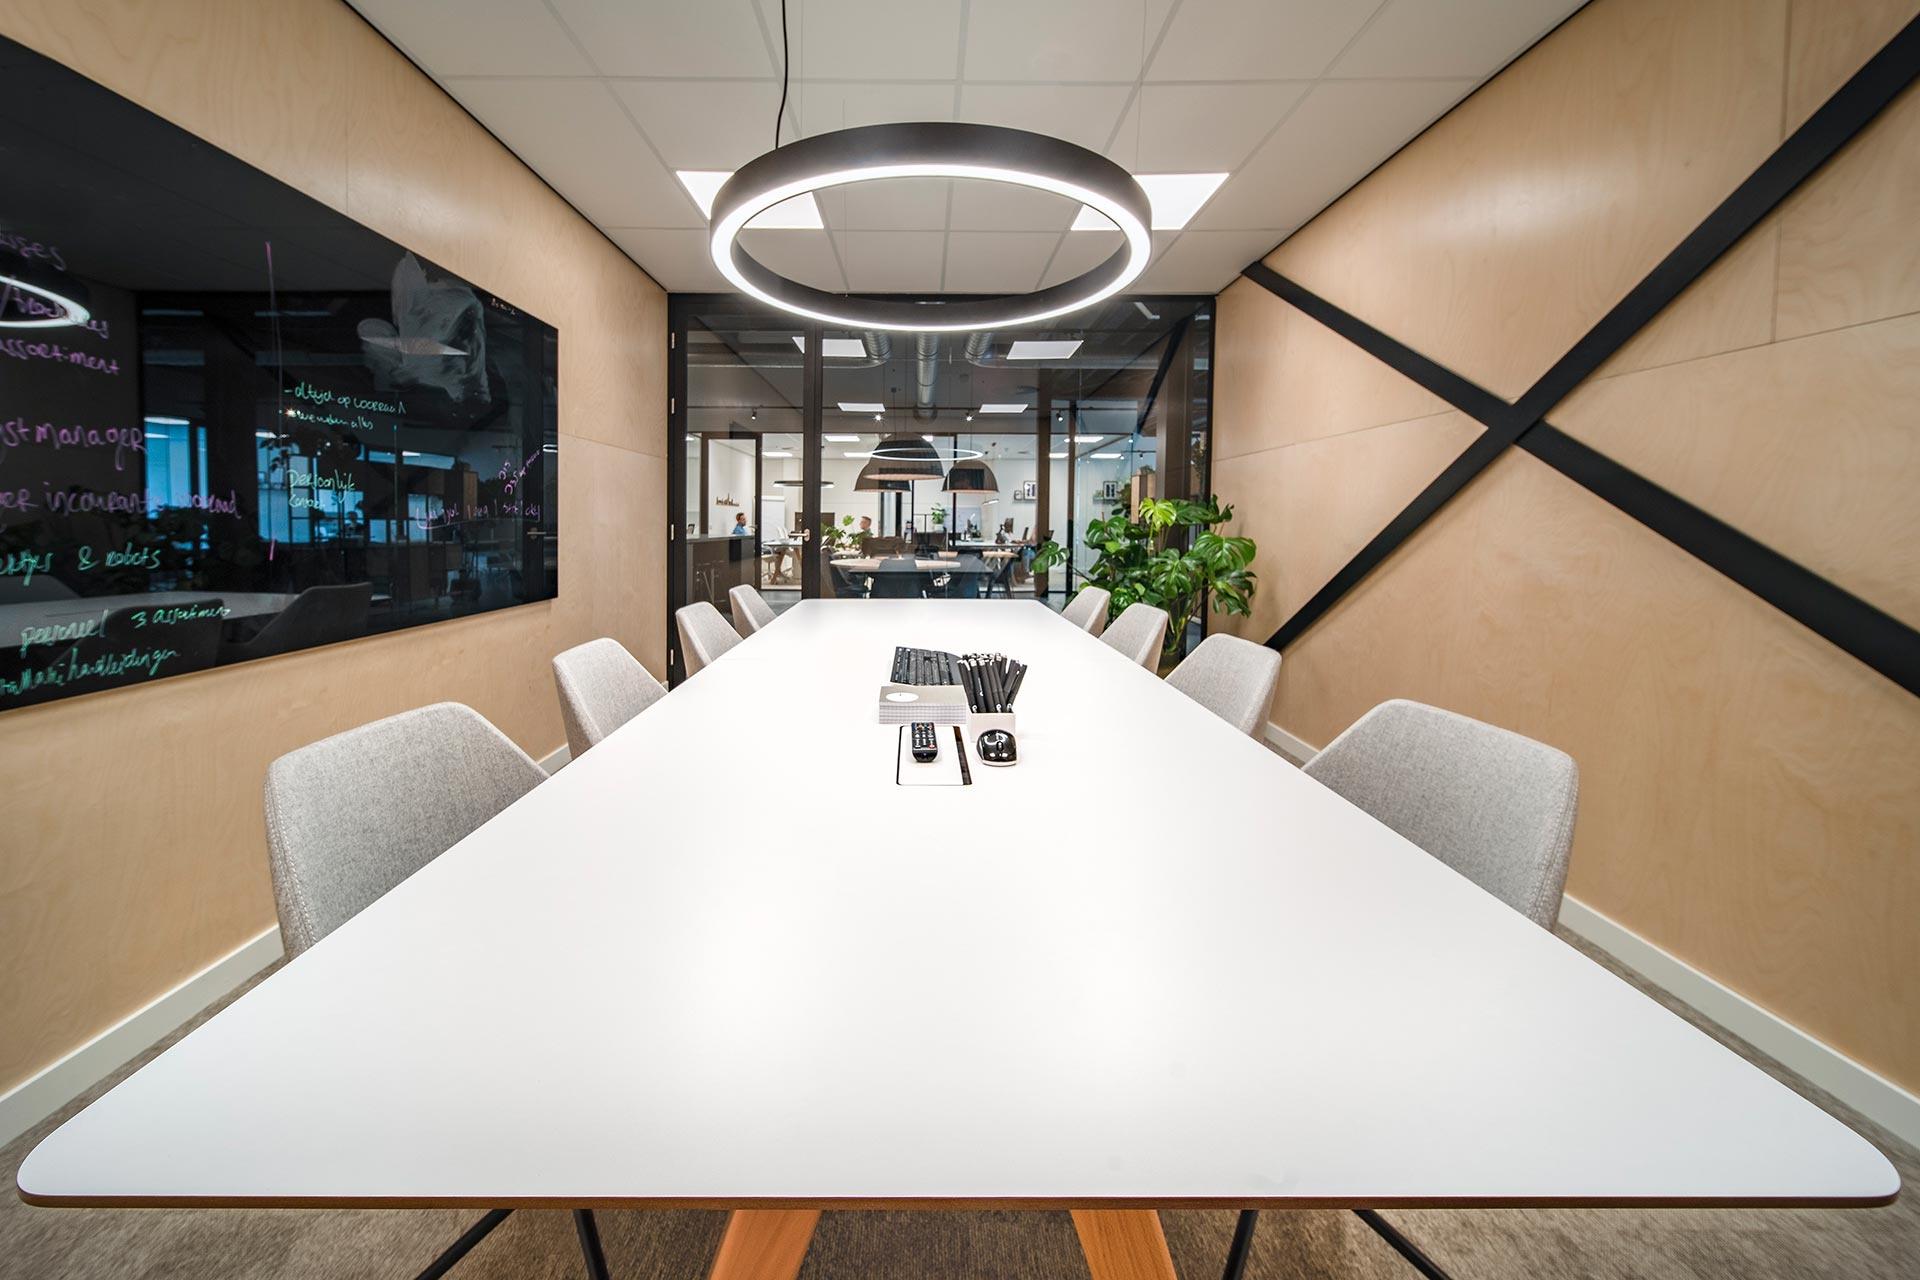 De vergaderstoelen in de vergaderruimte zijn volledig door 4Blue zelf samengesteld